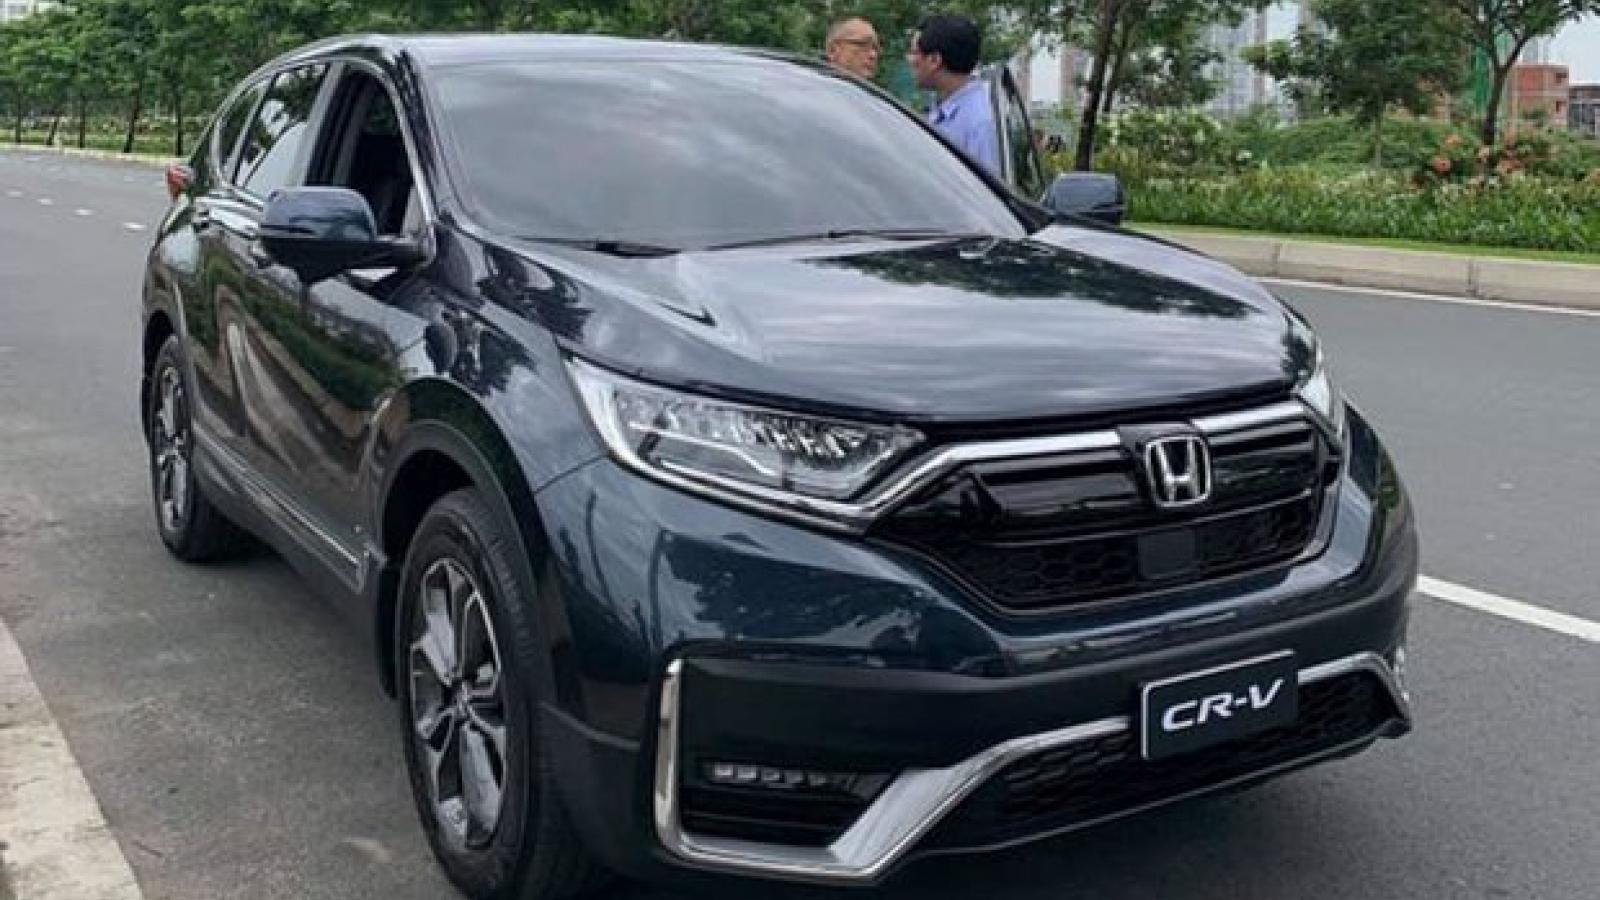 Rò rỉ thông tin, trang bị của Honda CR-V 2020 trước ngày ra mắt